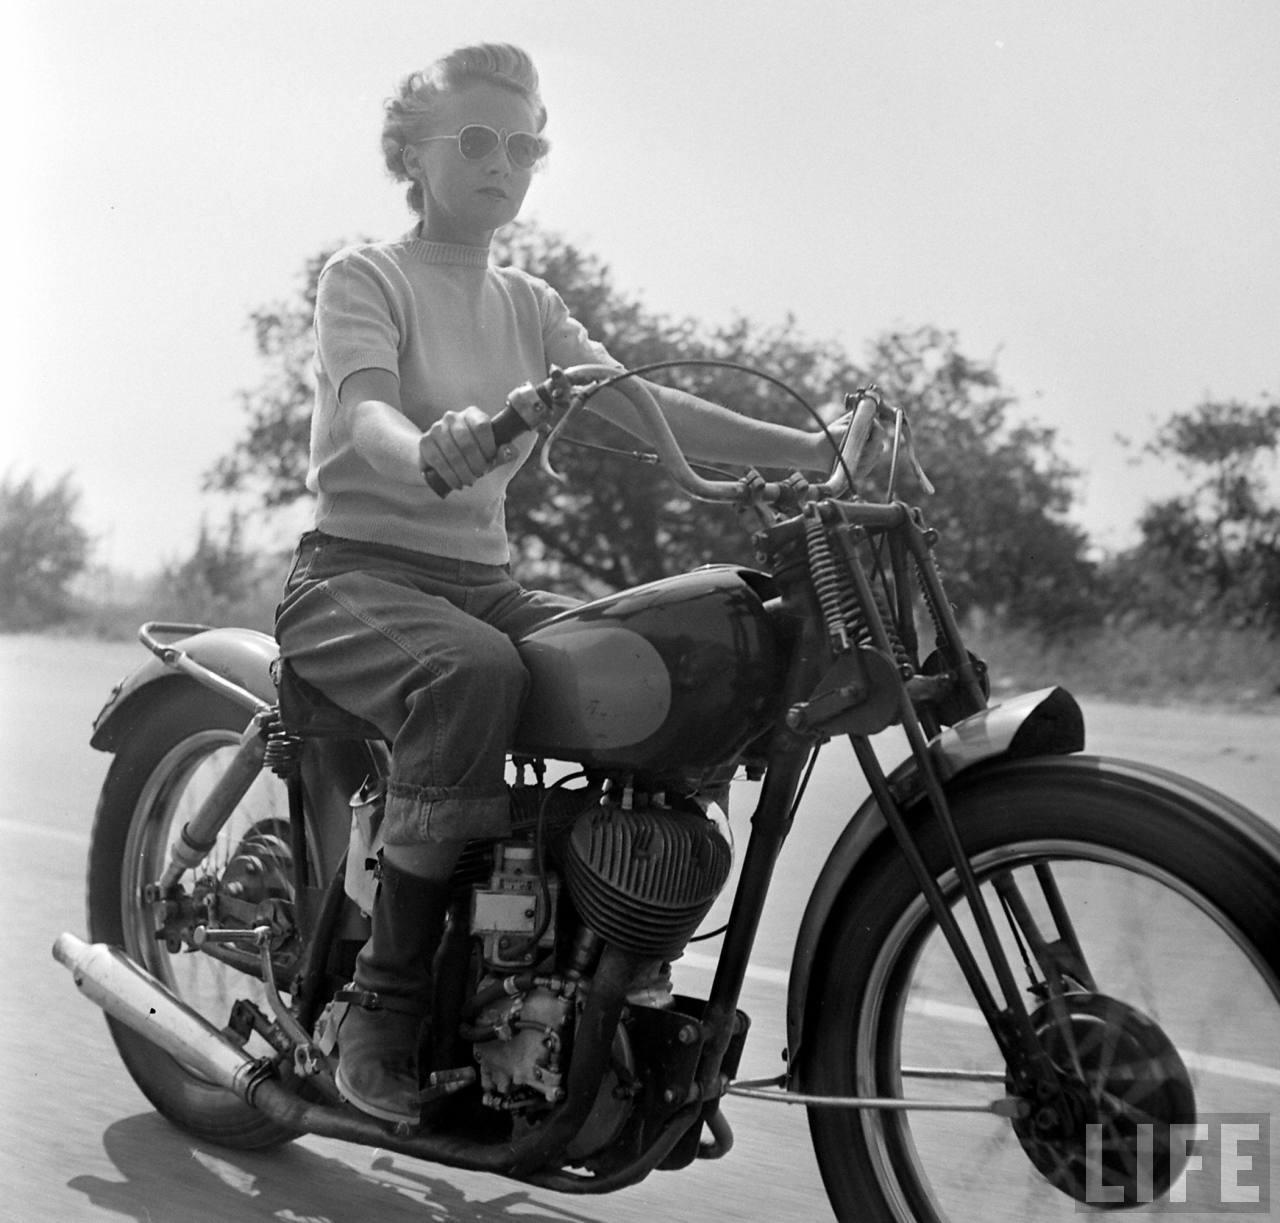 loomis-dean-motorcycles-1949-3